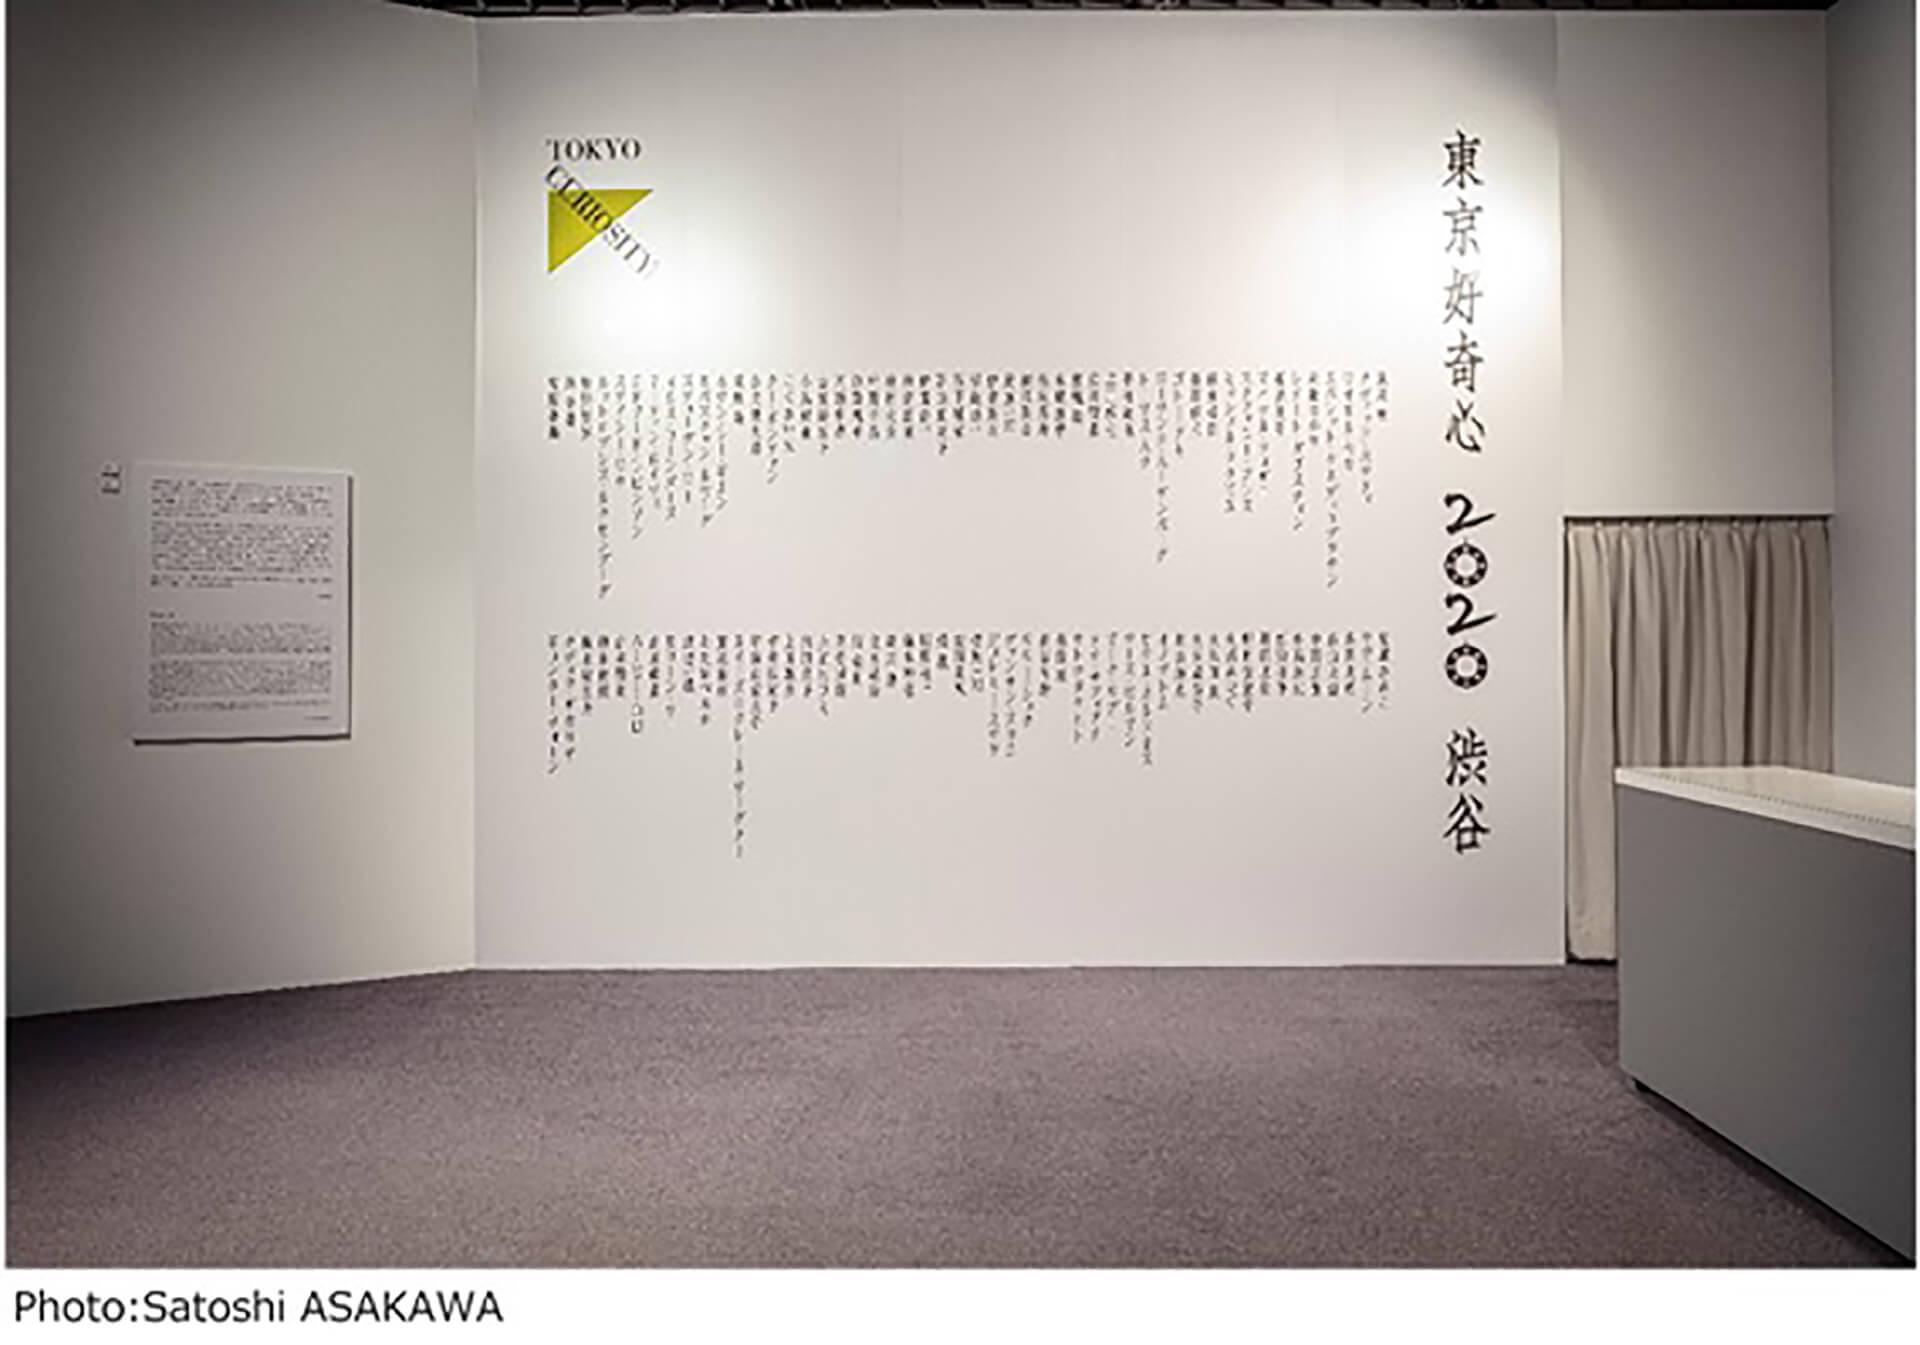 東京好奇心 2020 渋谷